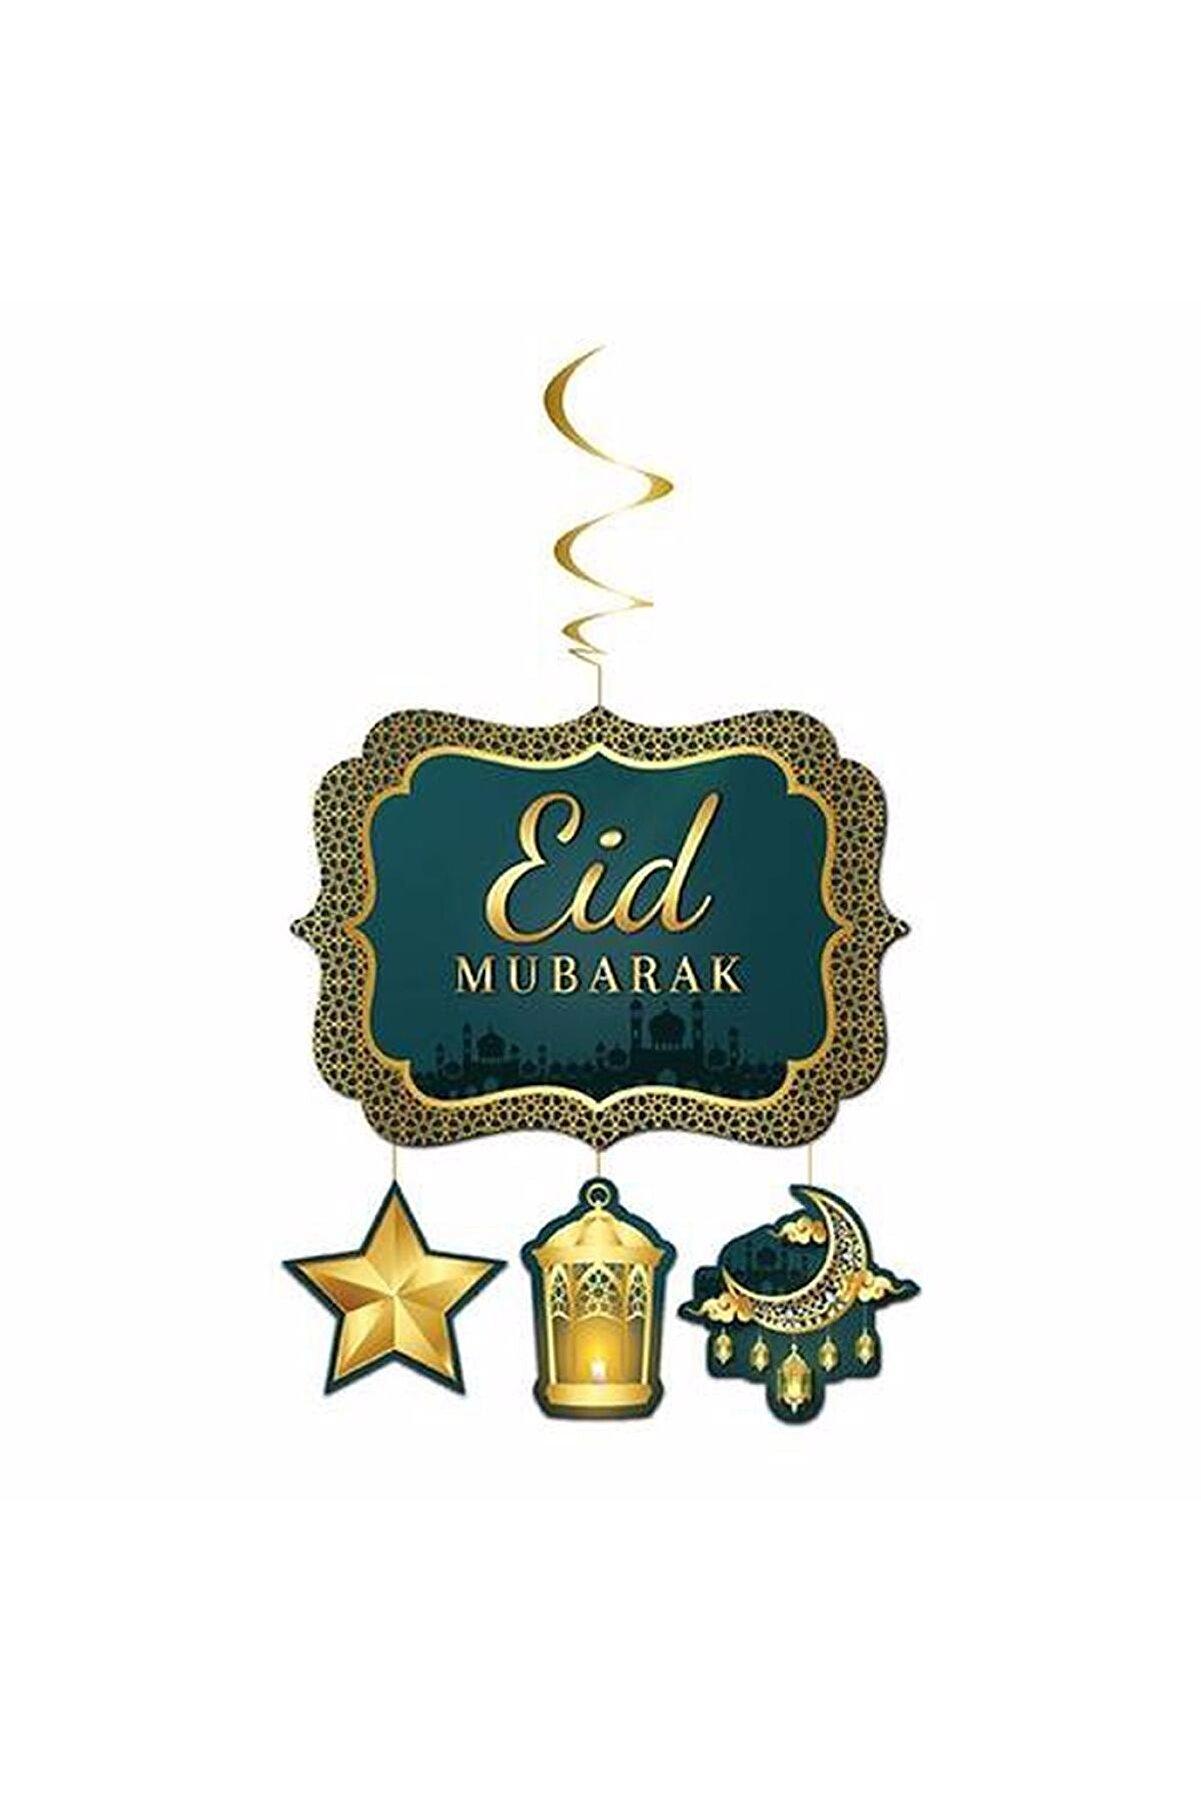 Huzur Party Store Eid Mubarak Yazılı Asmalı Tavan Sarkıt Süsü Muslim Festival Kurban Bayramı 130X33 cm İslami Süs